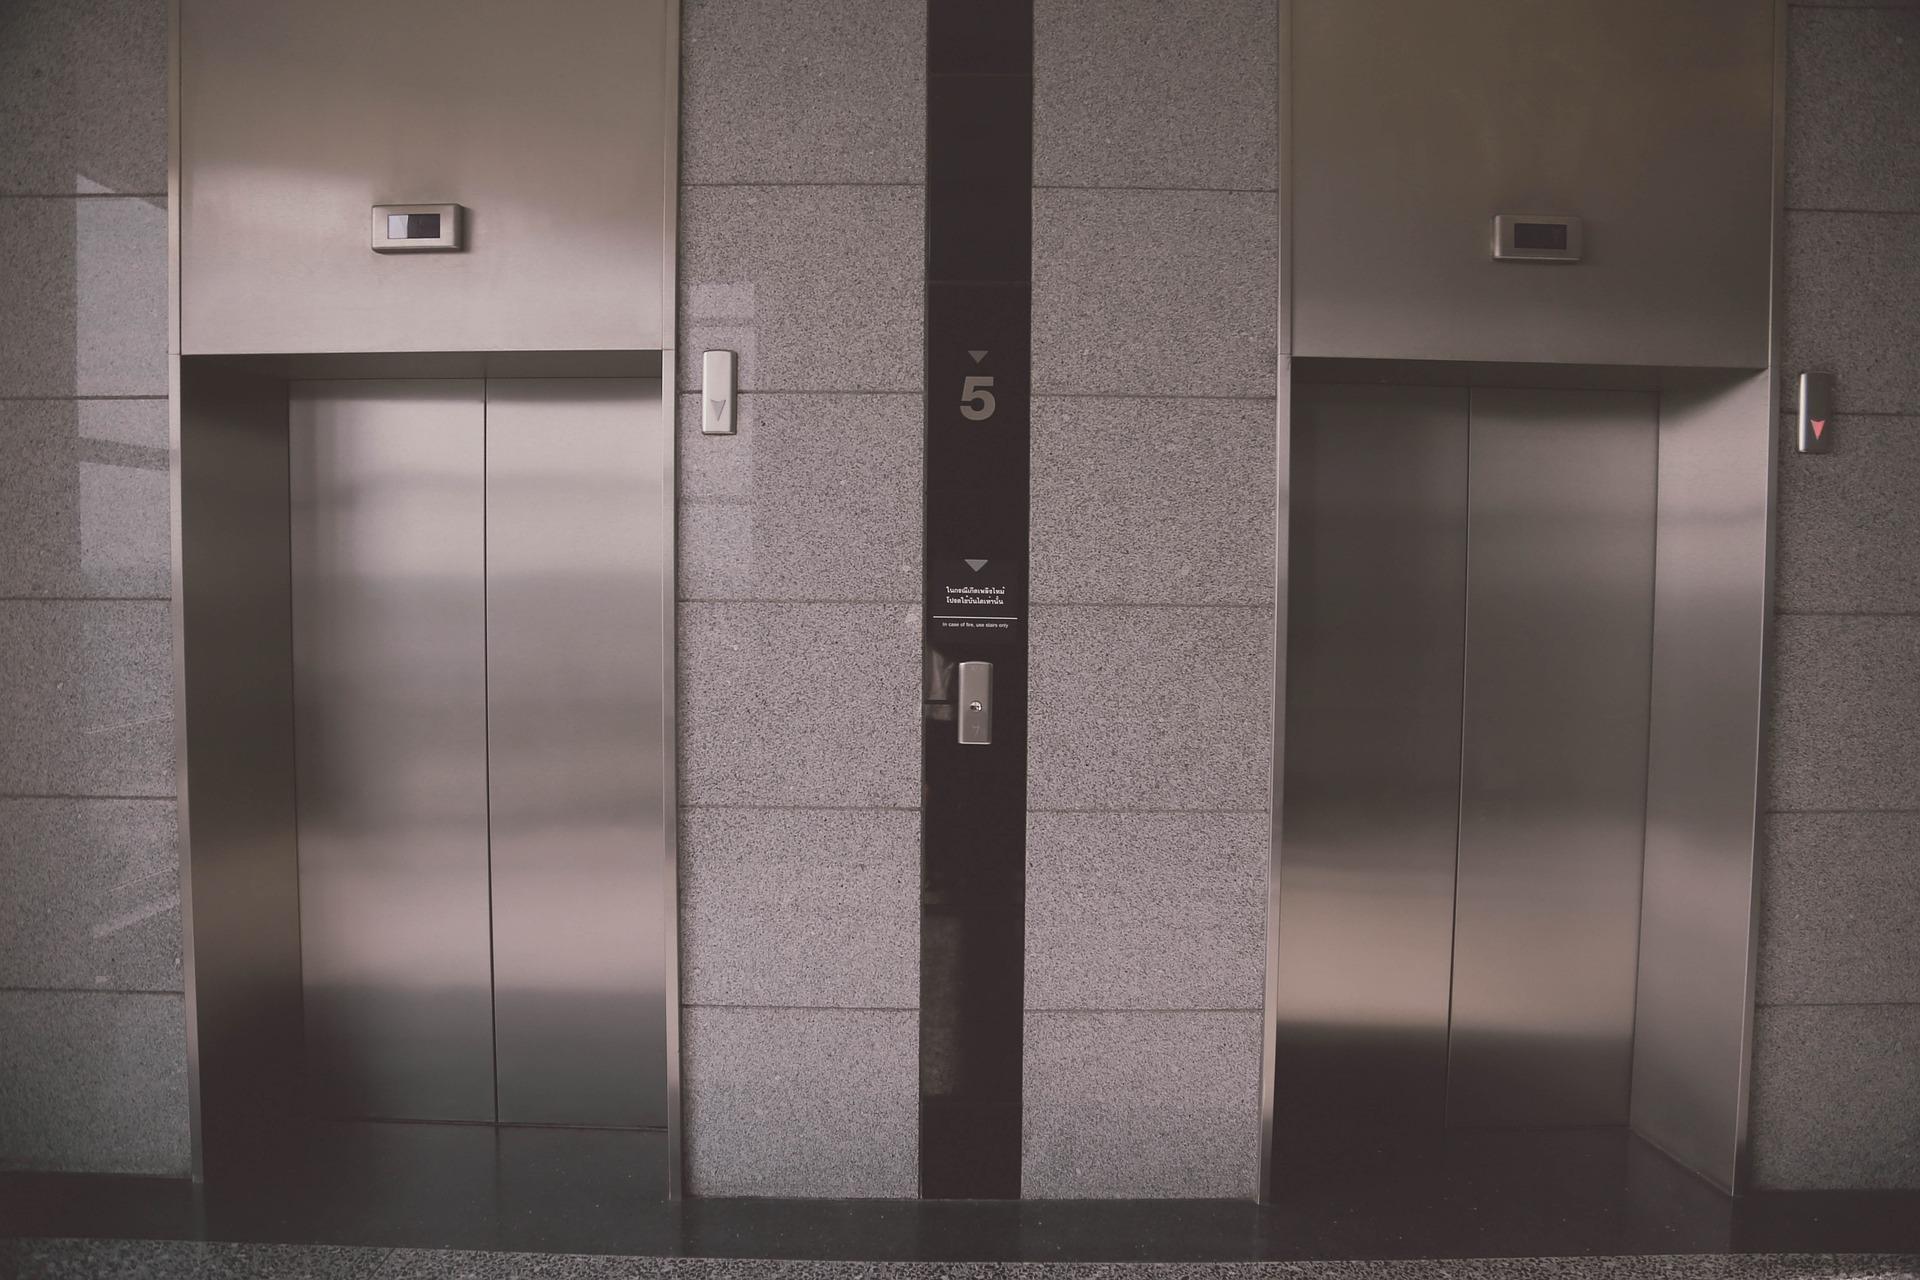 лифт в доме, на что обратить внимание?